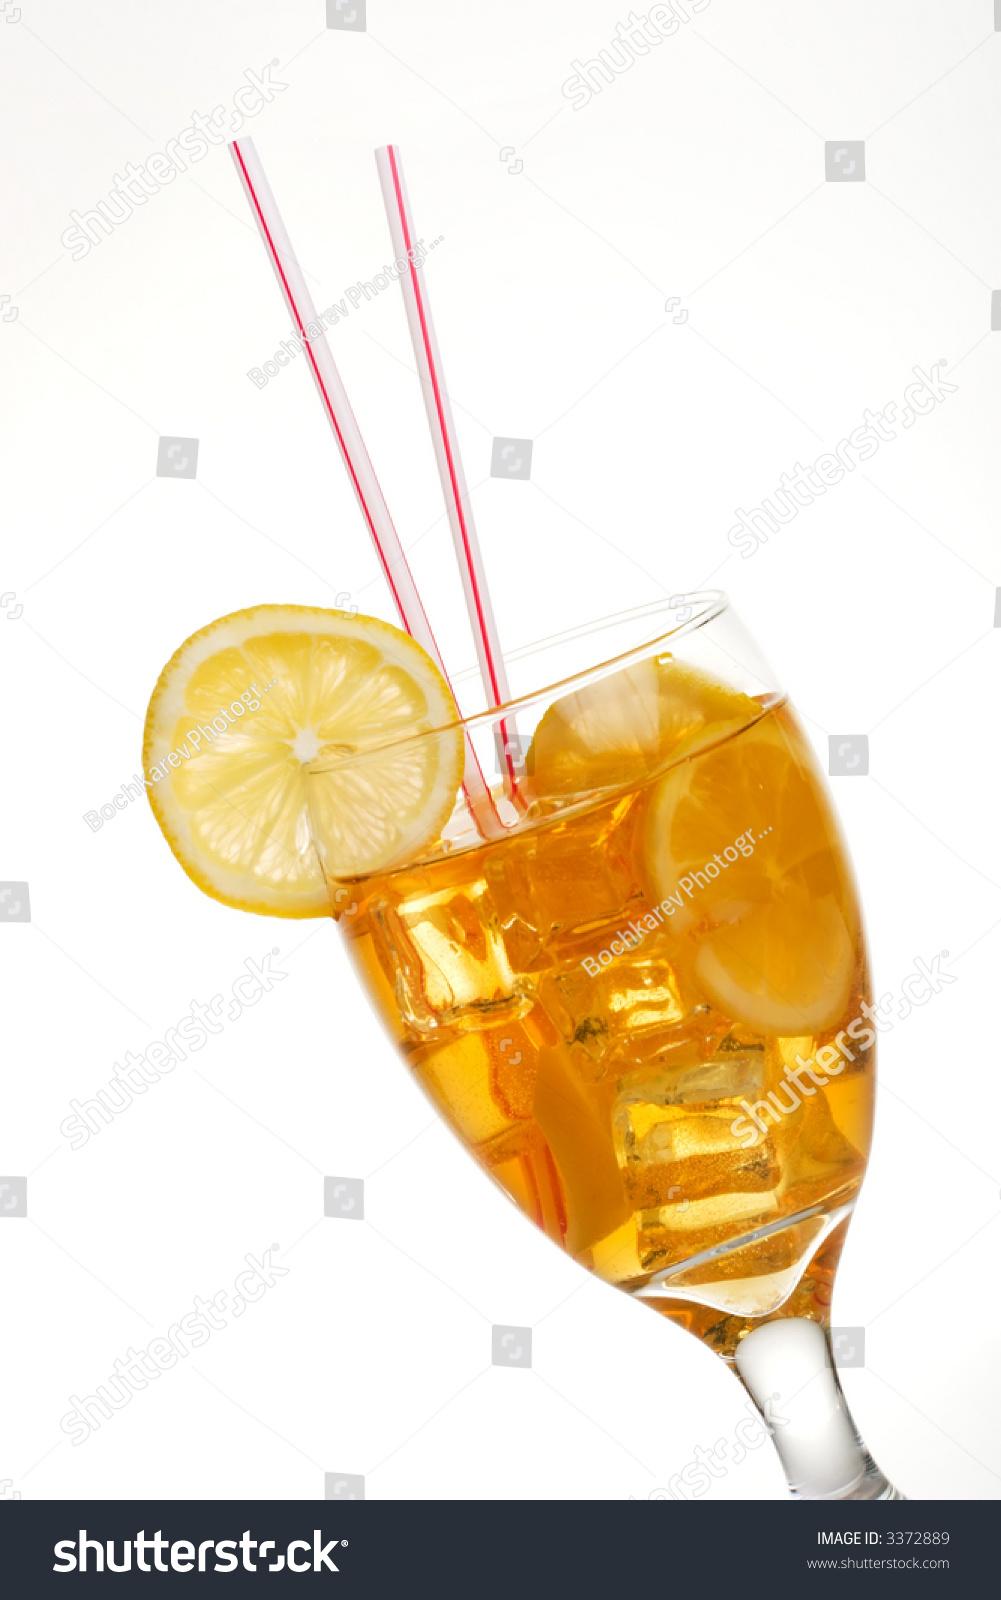 how to make a single glass of iced tea